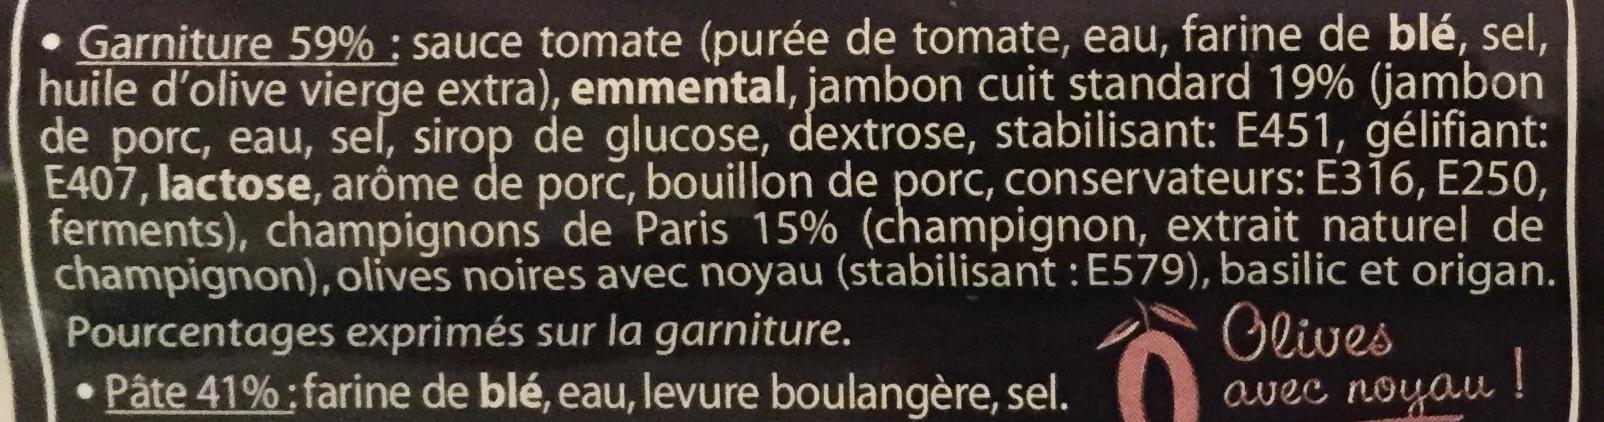 La Pizz - Jambon Champignons de Paris - Ingrédients